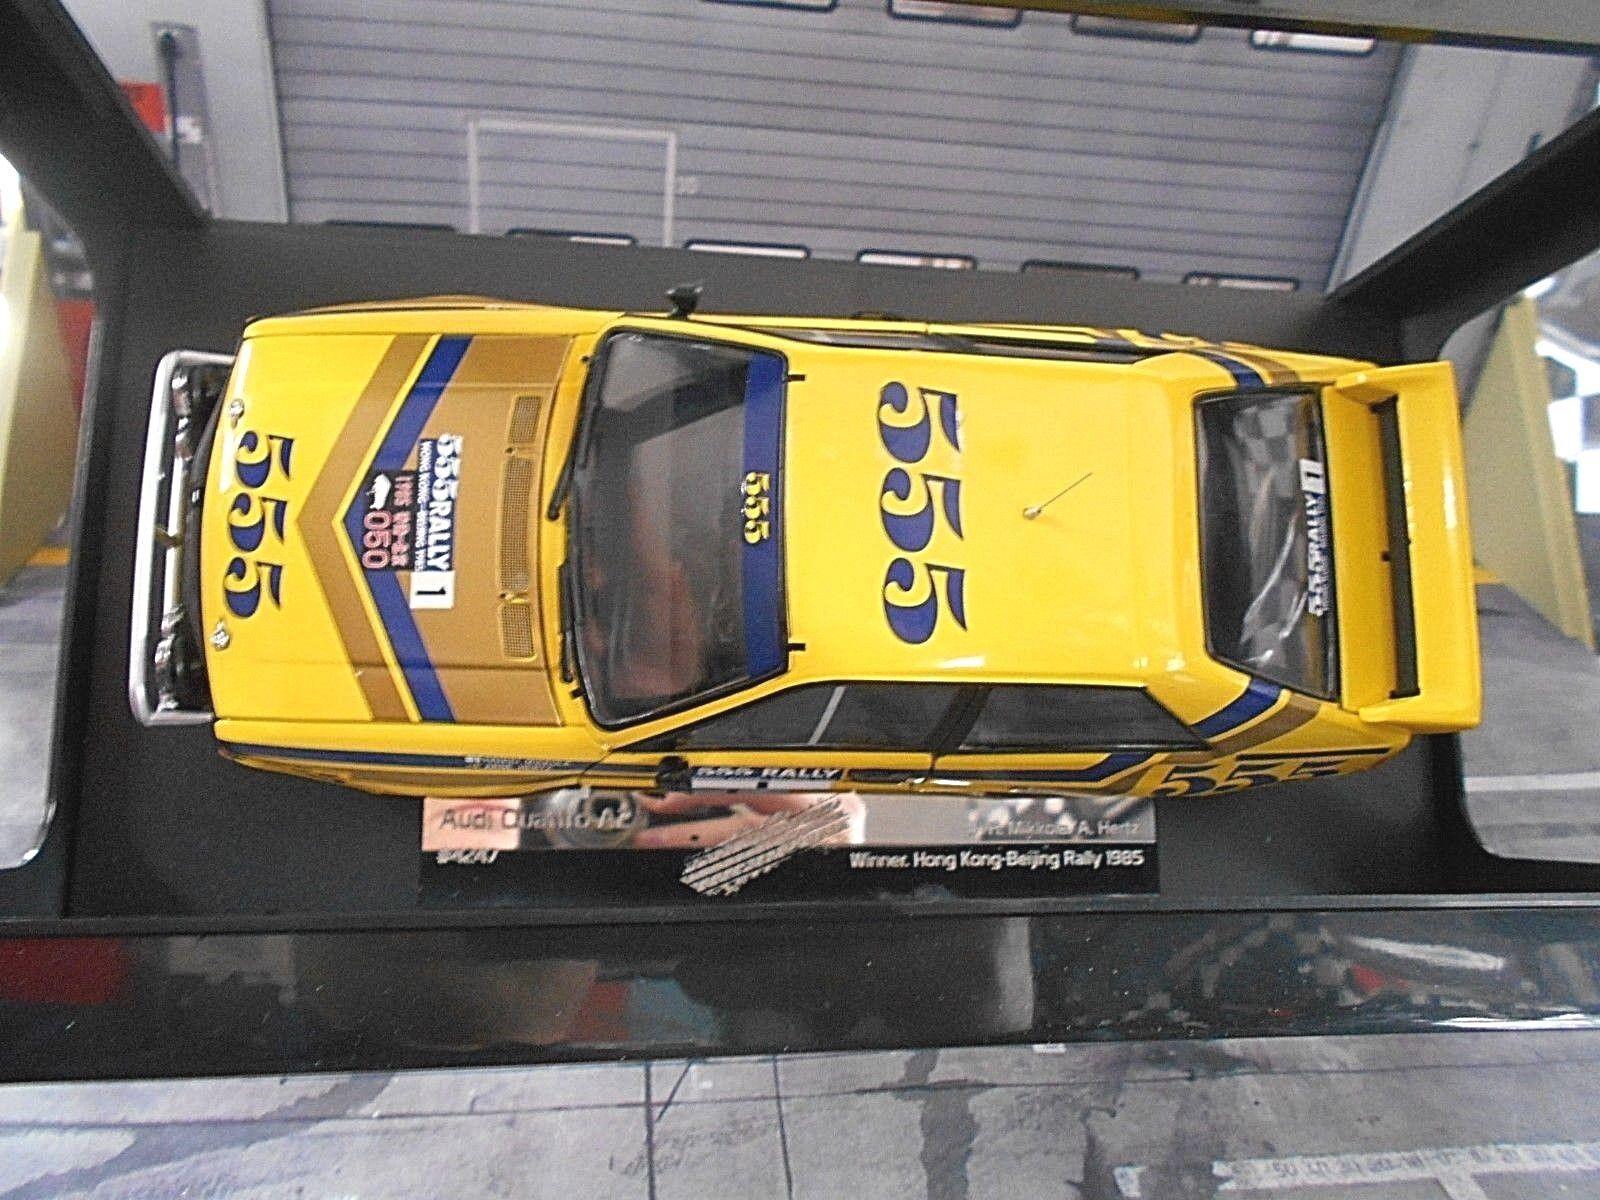 AUDI Quattro Quattro Quattro Rallye Gr.B 555 Hongkong Peking 1985 Mikkola Hertz Sunstar 1 18 74bcb5